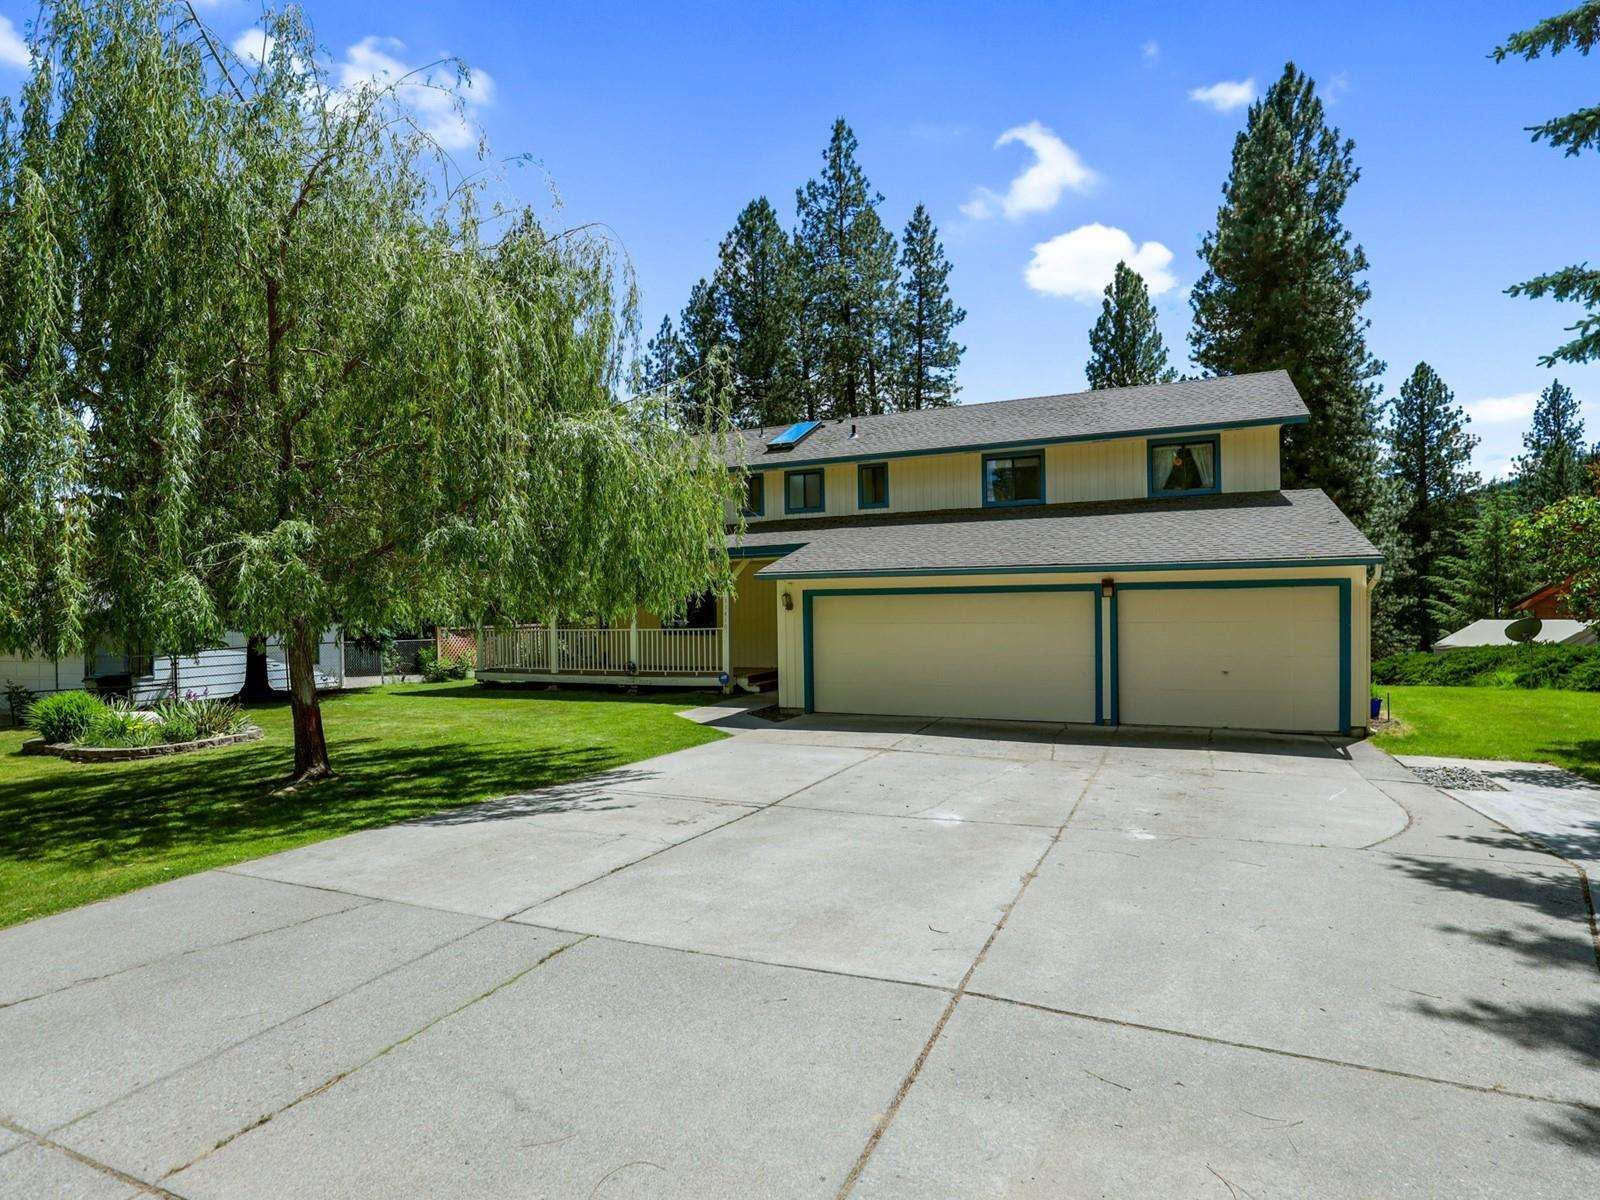 11410 E Ponderosa Dr, Spokane Valley, WA 99206 - #: 202119715